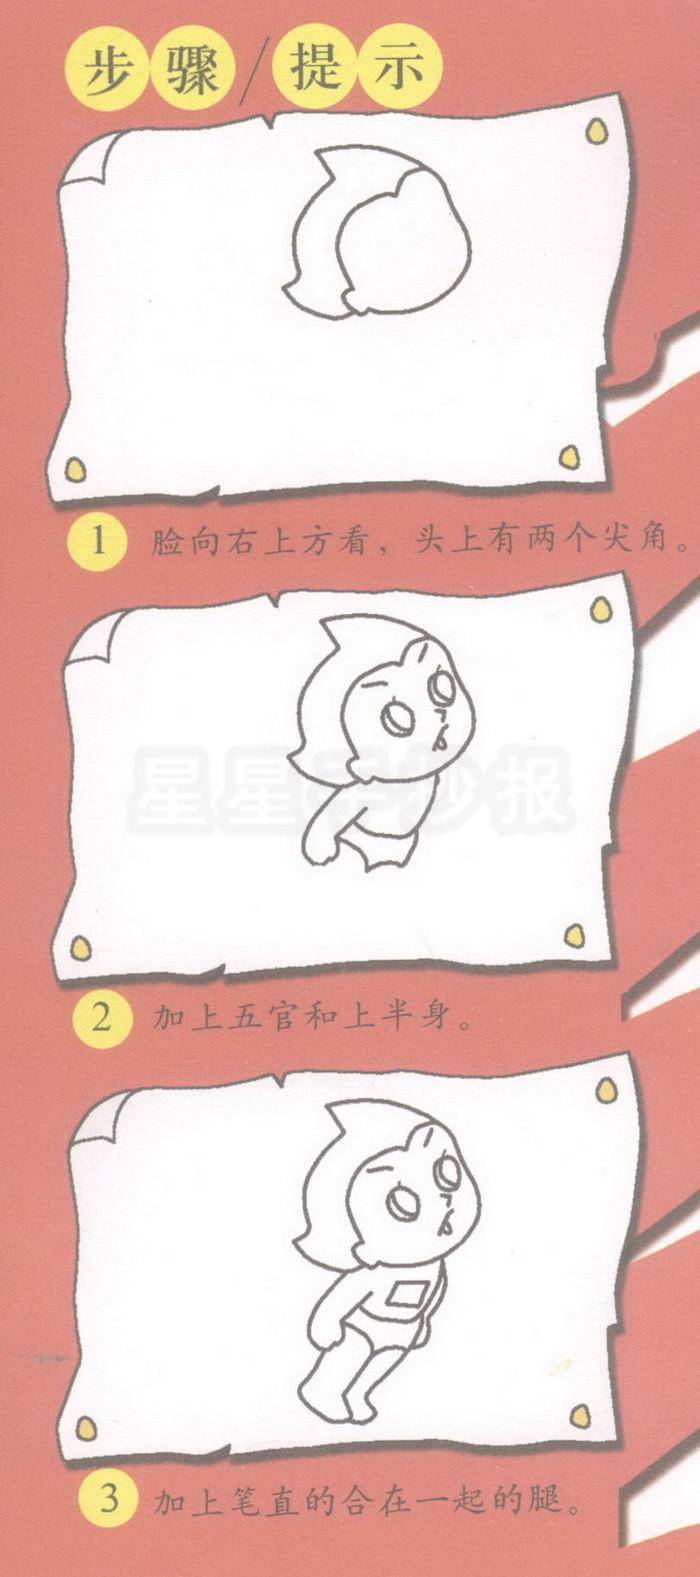 阿童木简笔画